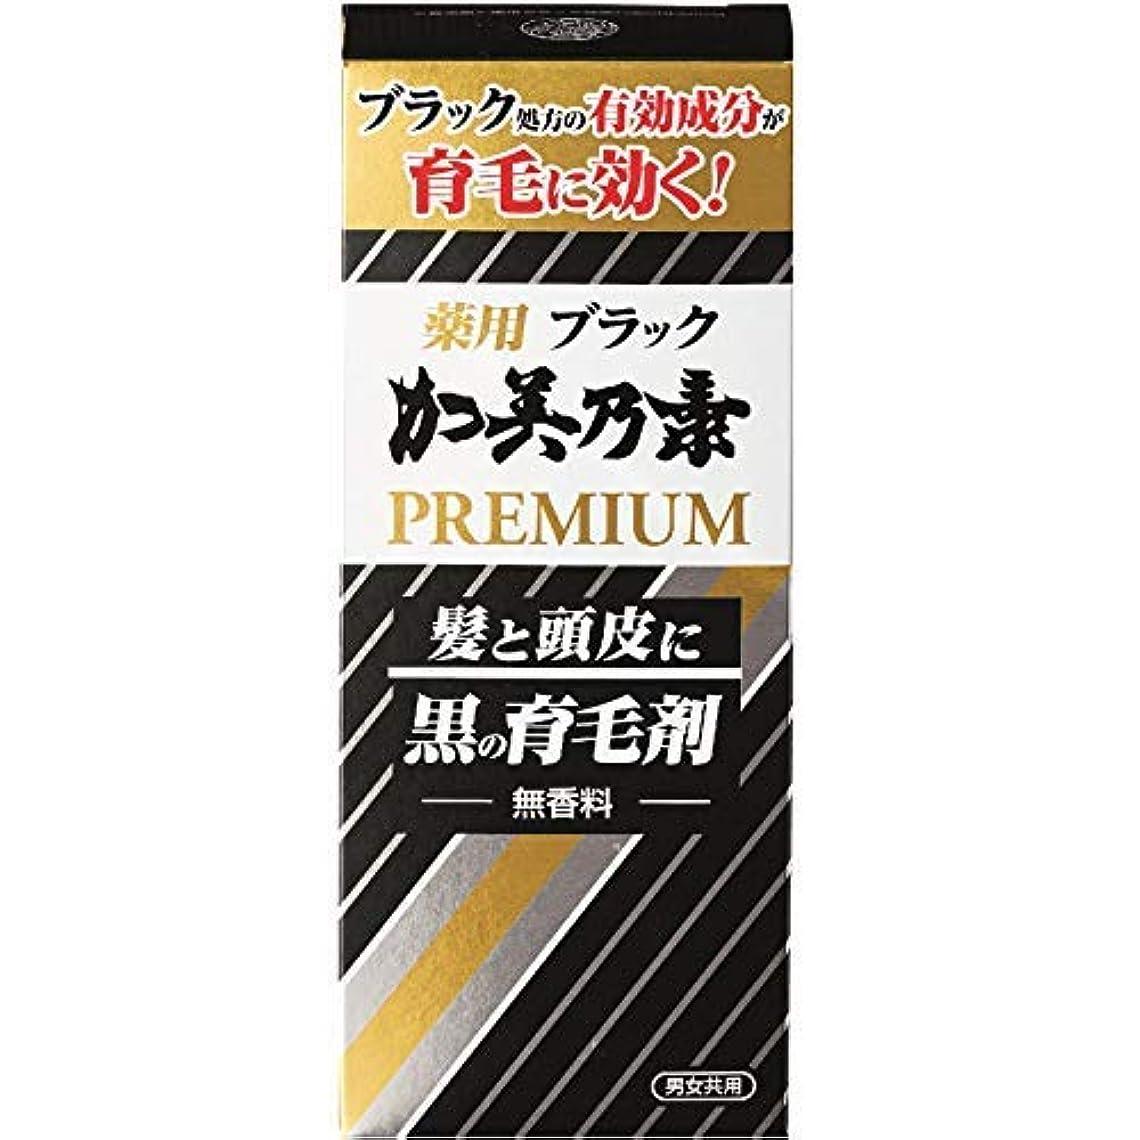 突撃バズナインへブラック加美乃素 プレミアム × 36個セット